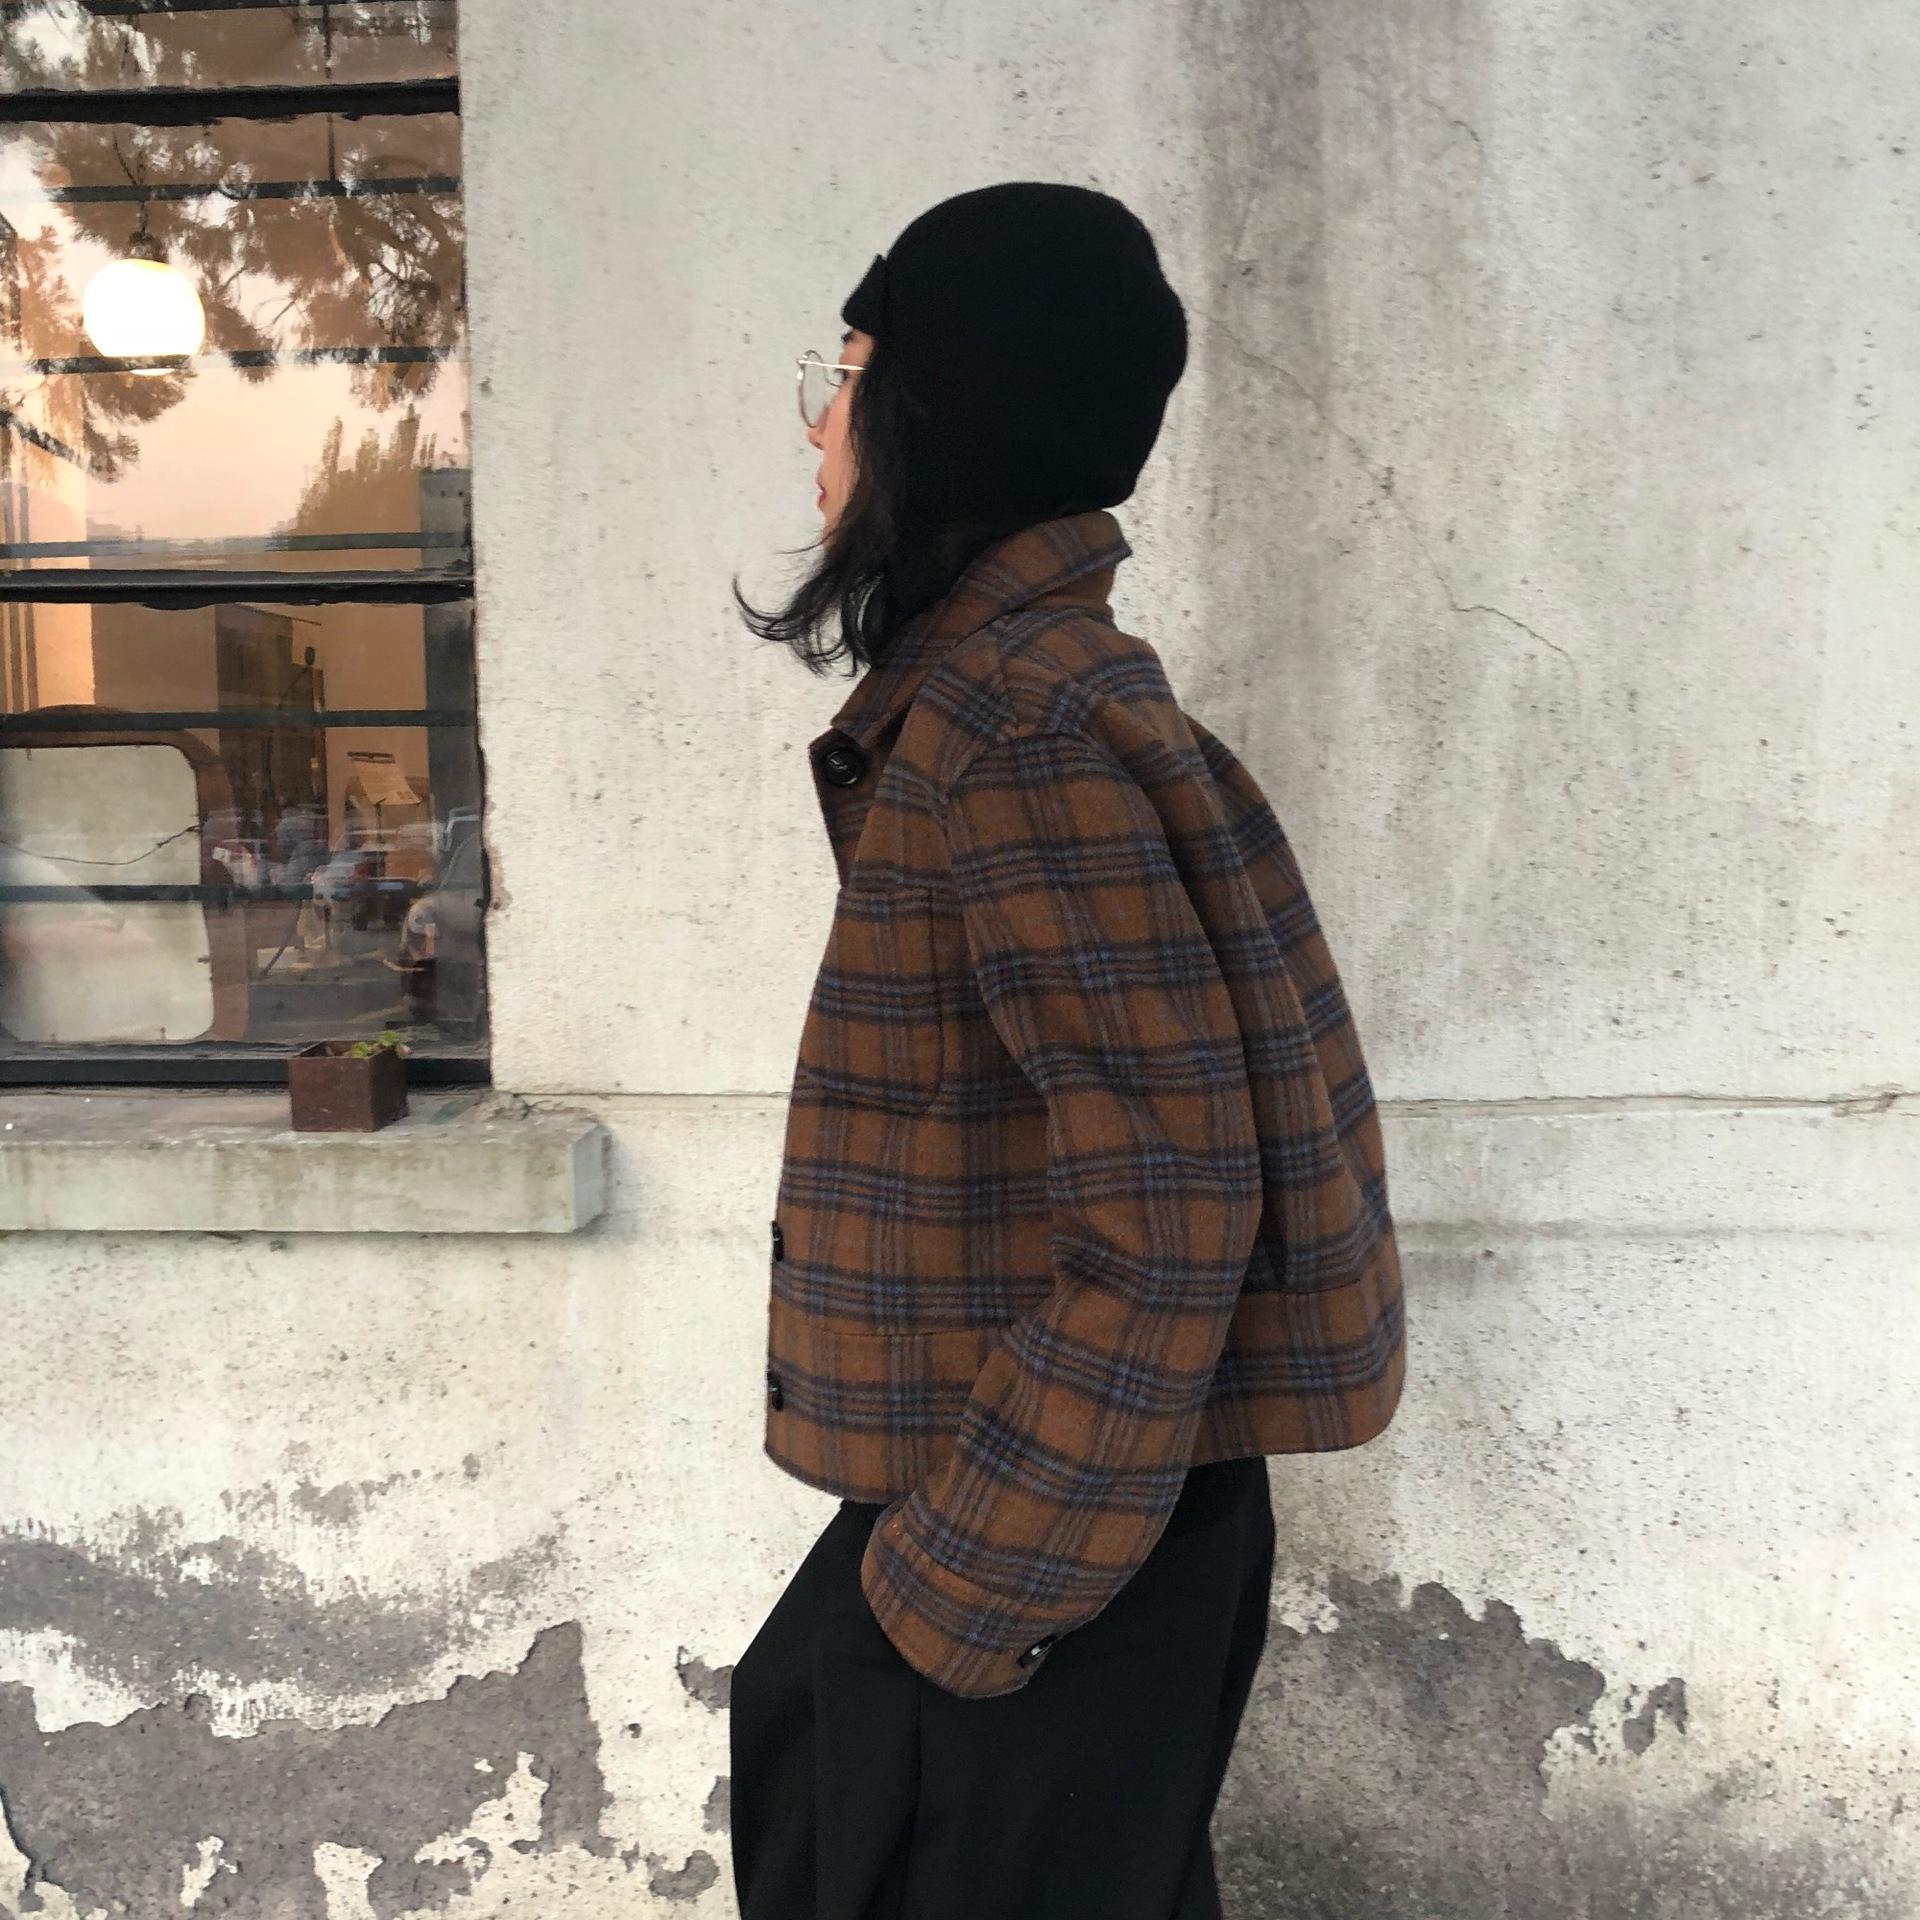 Mùa thu và mùa đông Hàn Quốc kẻ sọc hai mặt áo len Úc lỏng lẻo nhỏ cashmere áo khoác len ngắn - Áo khoác ngắn